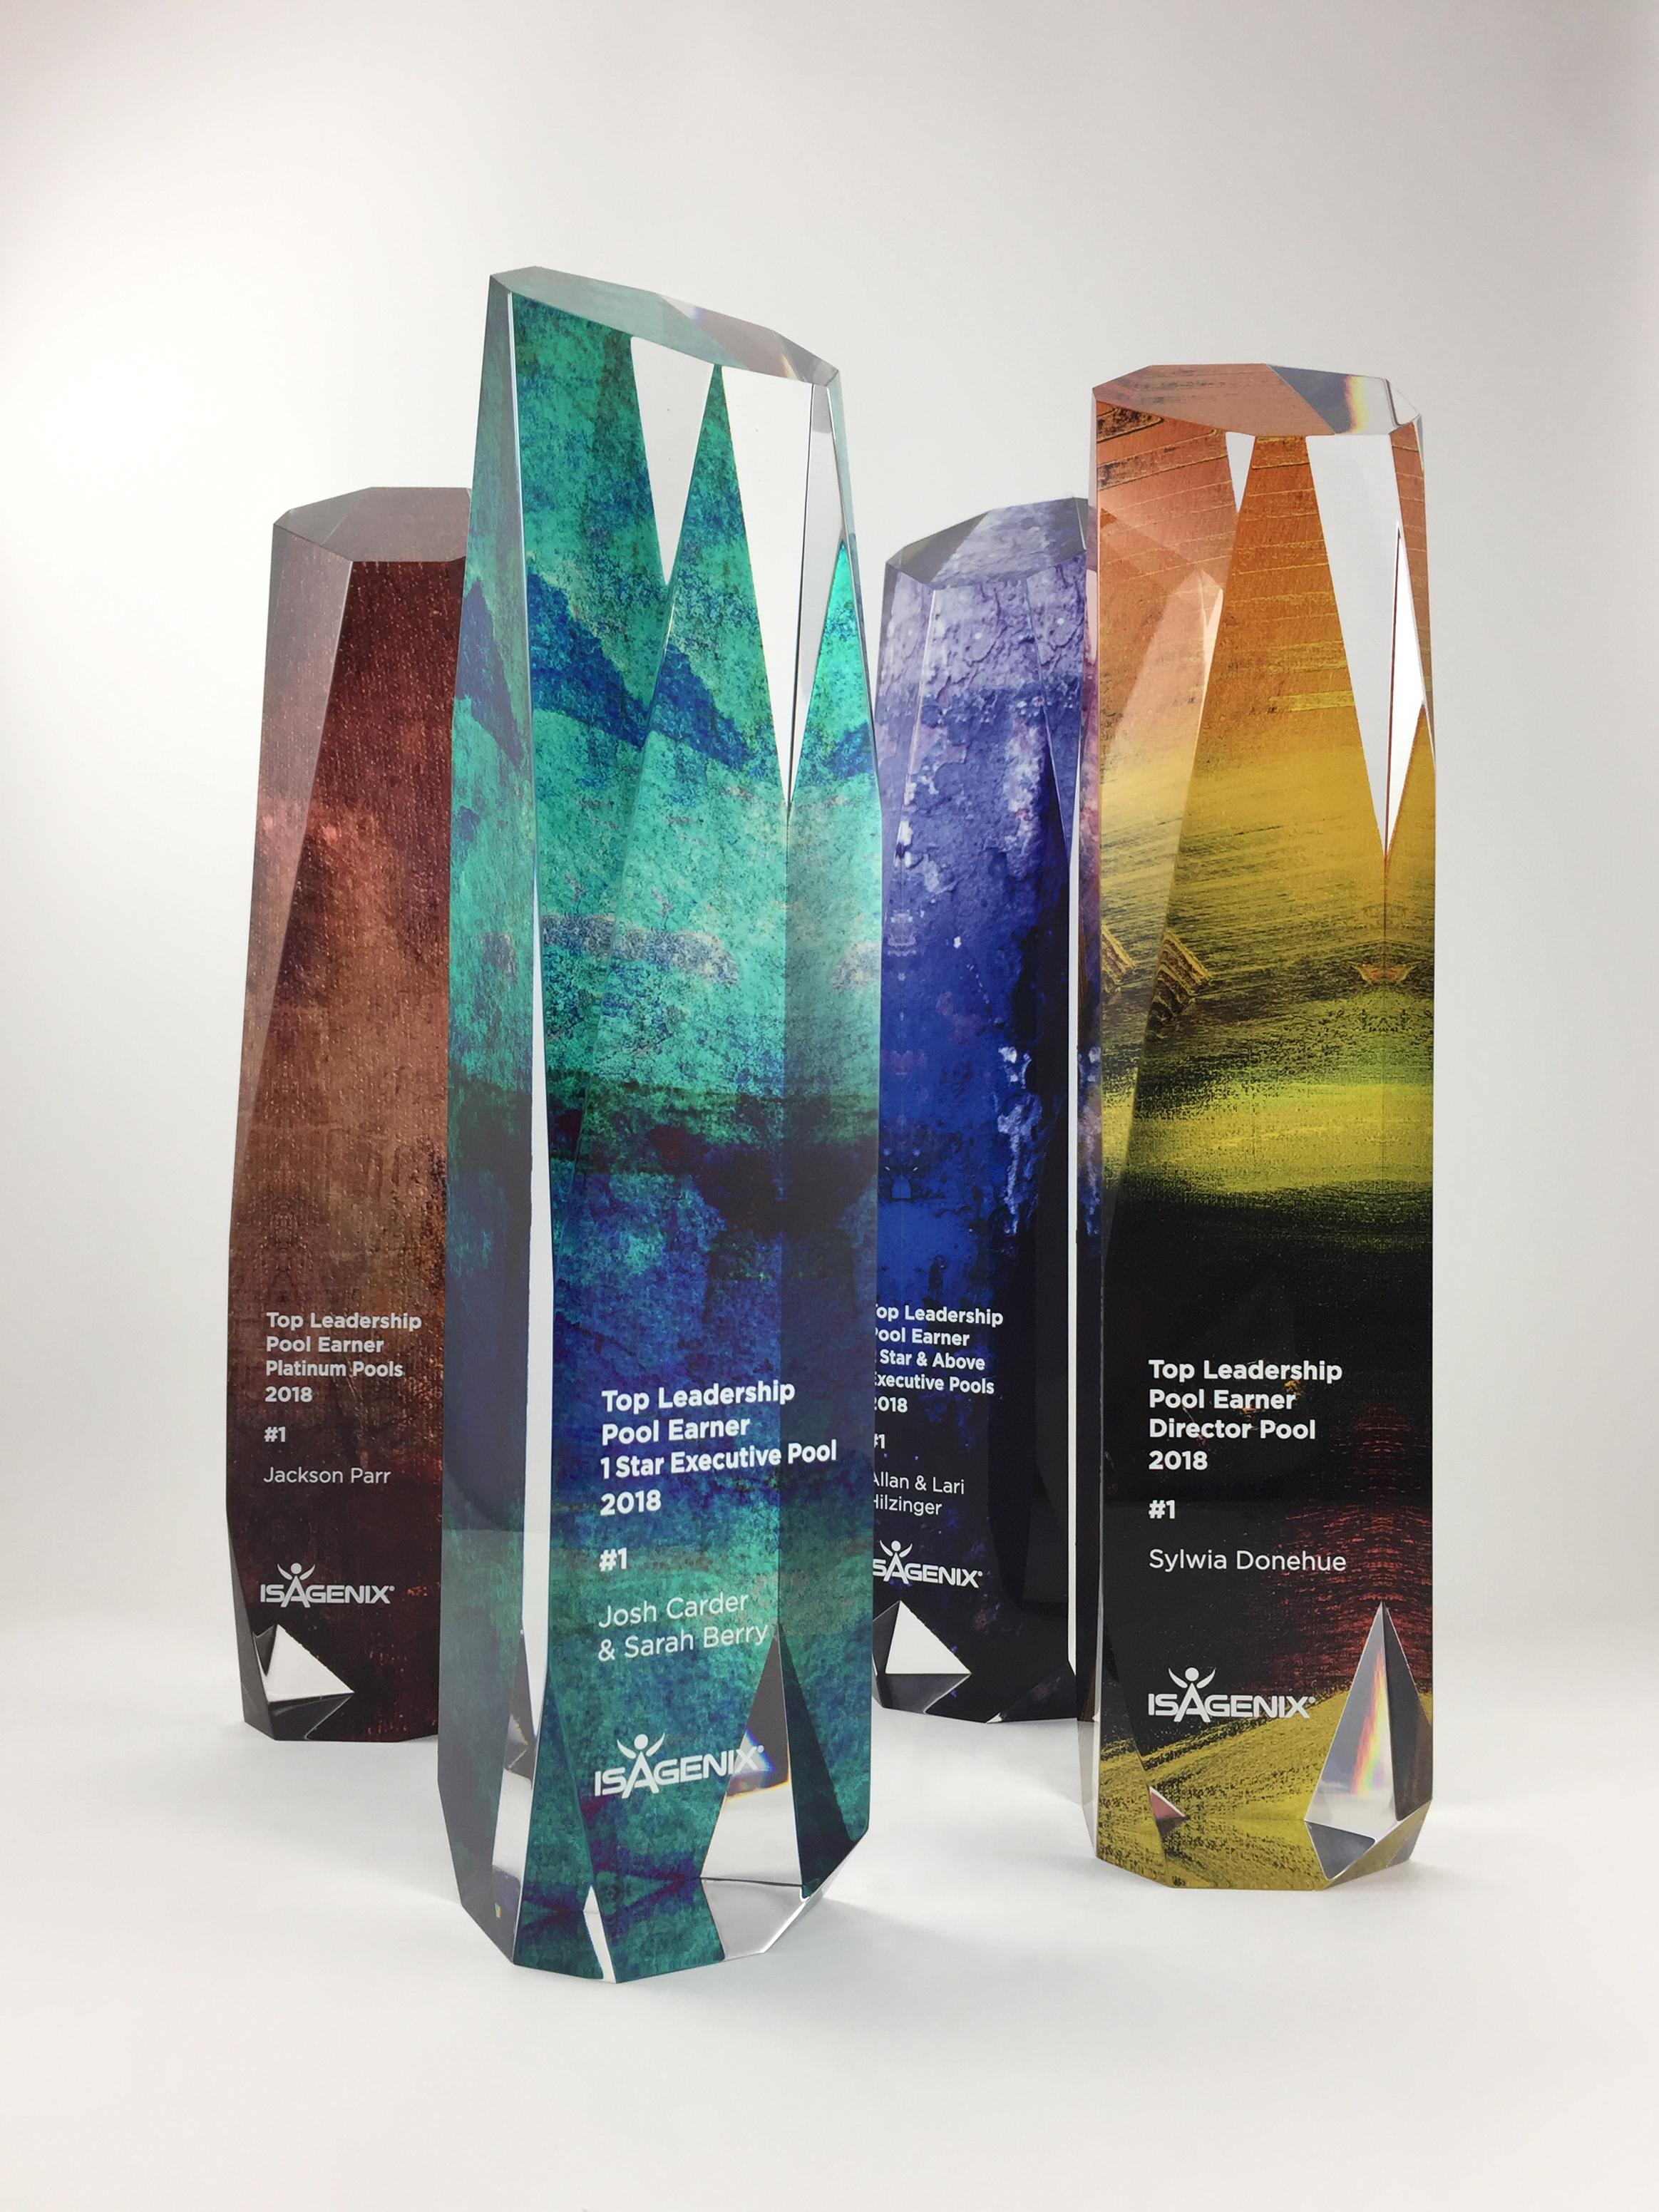 isagenix-leadershippool-acrylic-art-trophy-award-01.jpg